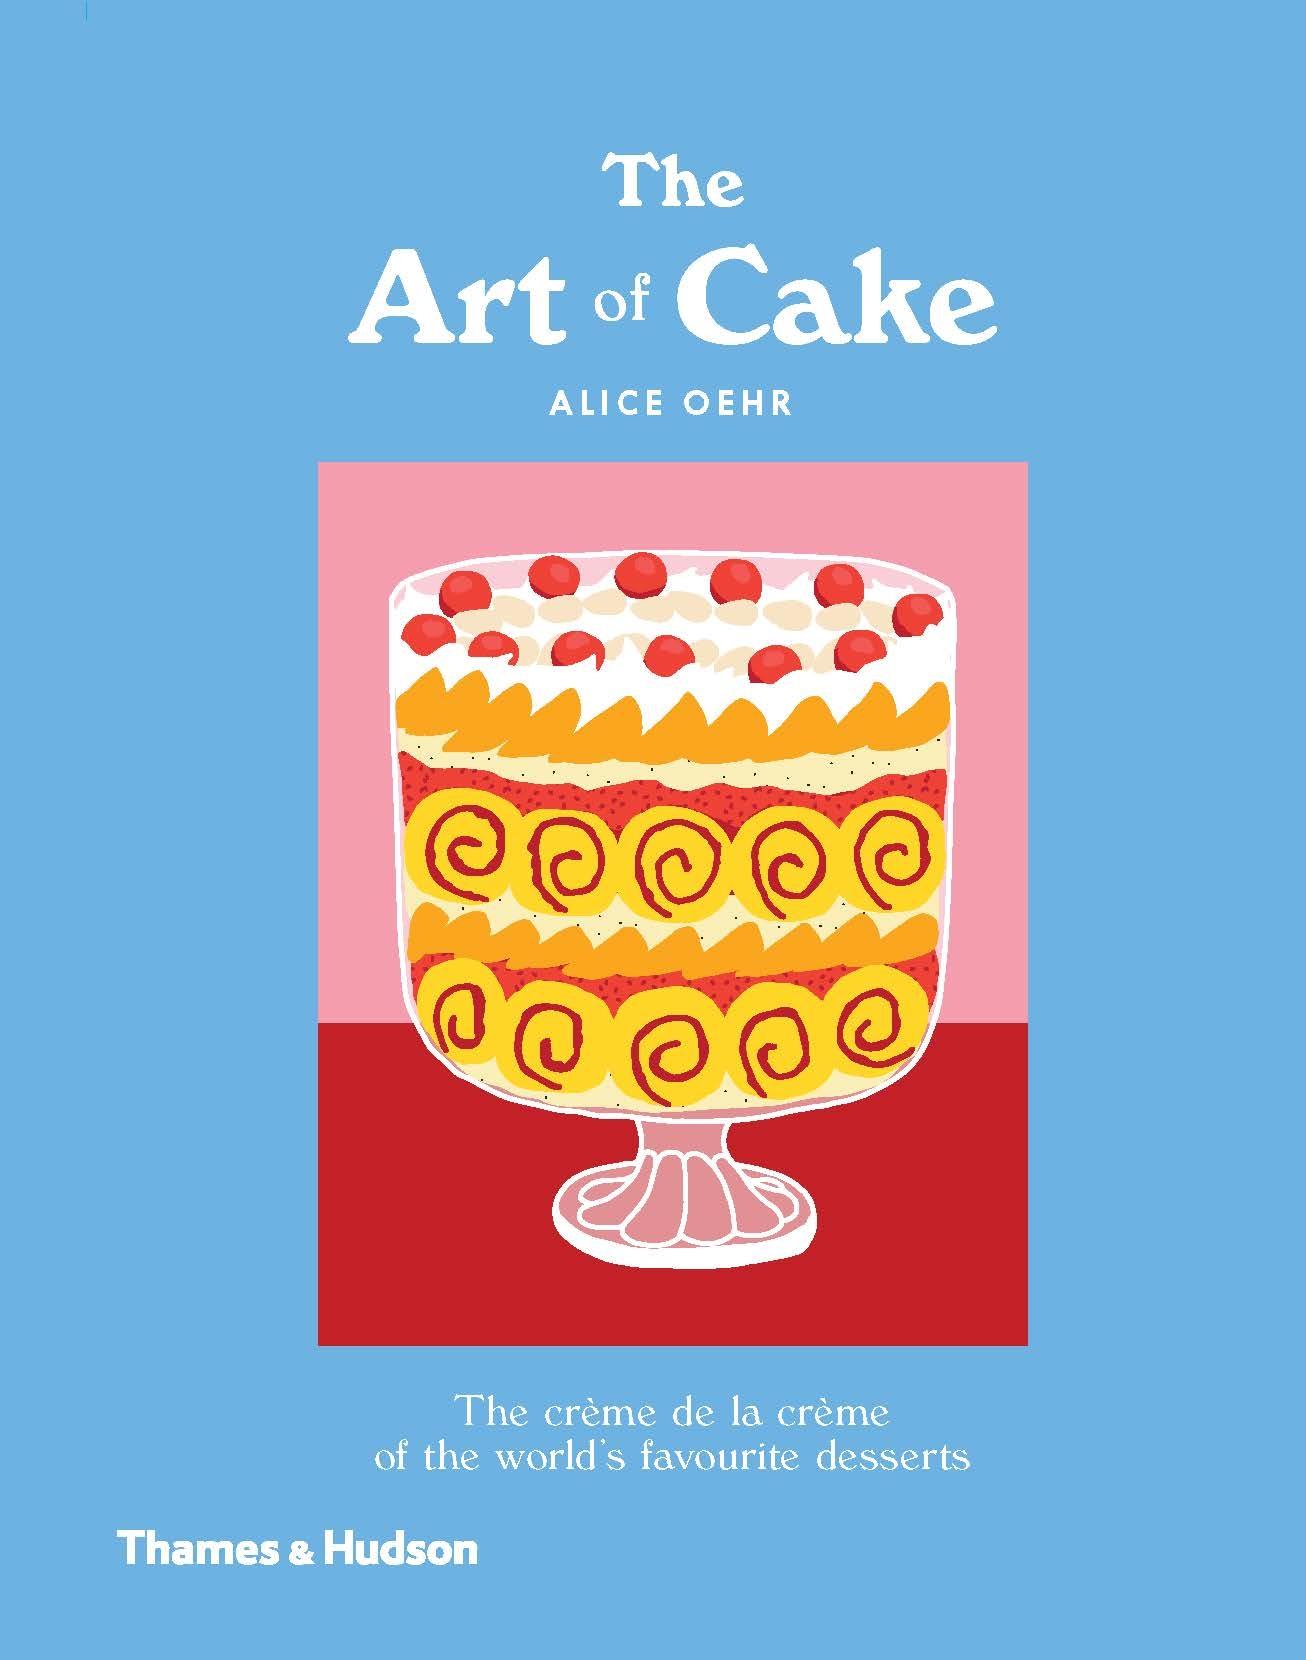 The Art of Cake: The Creme de la Creme of the World's Favourite Desserts